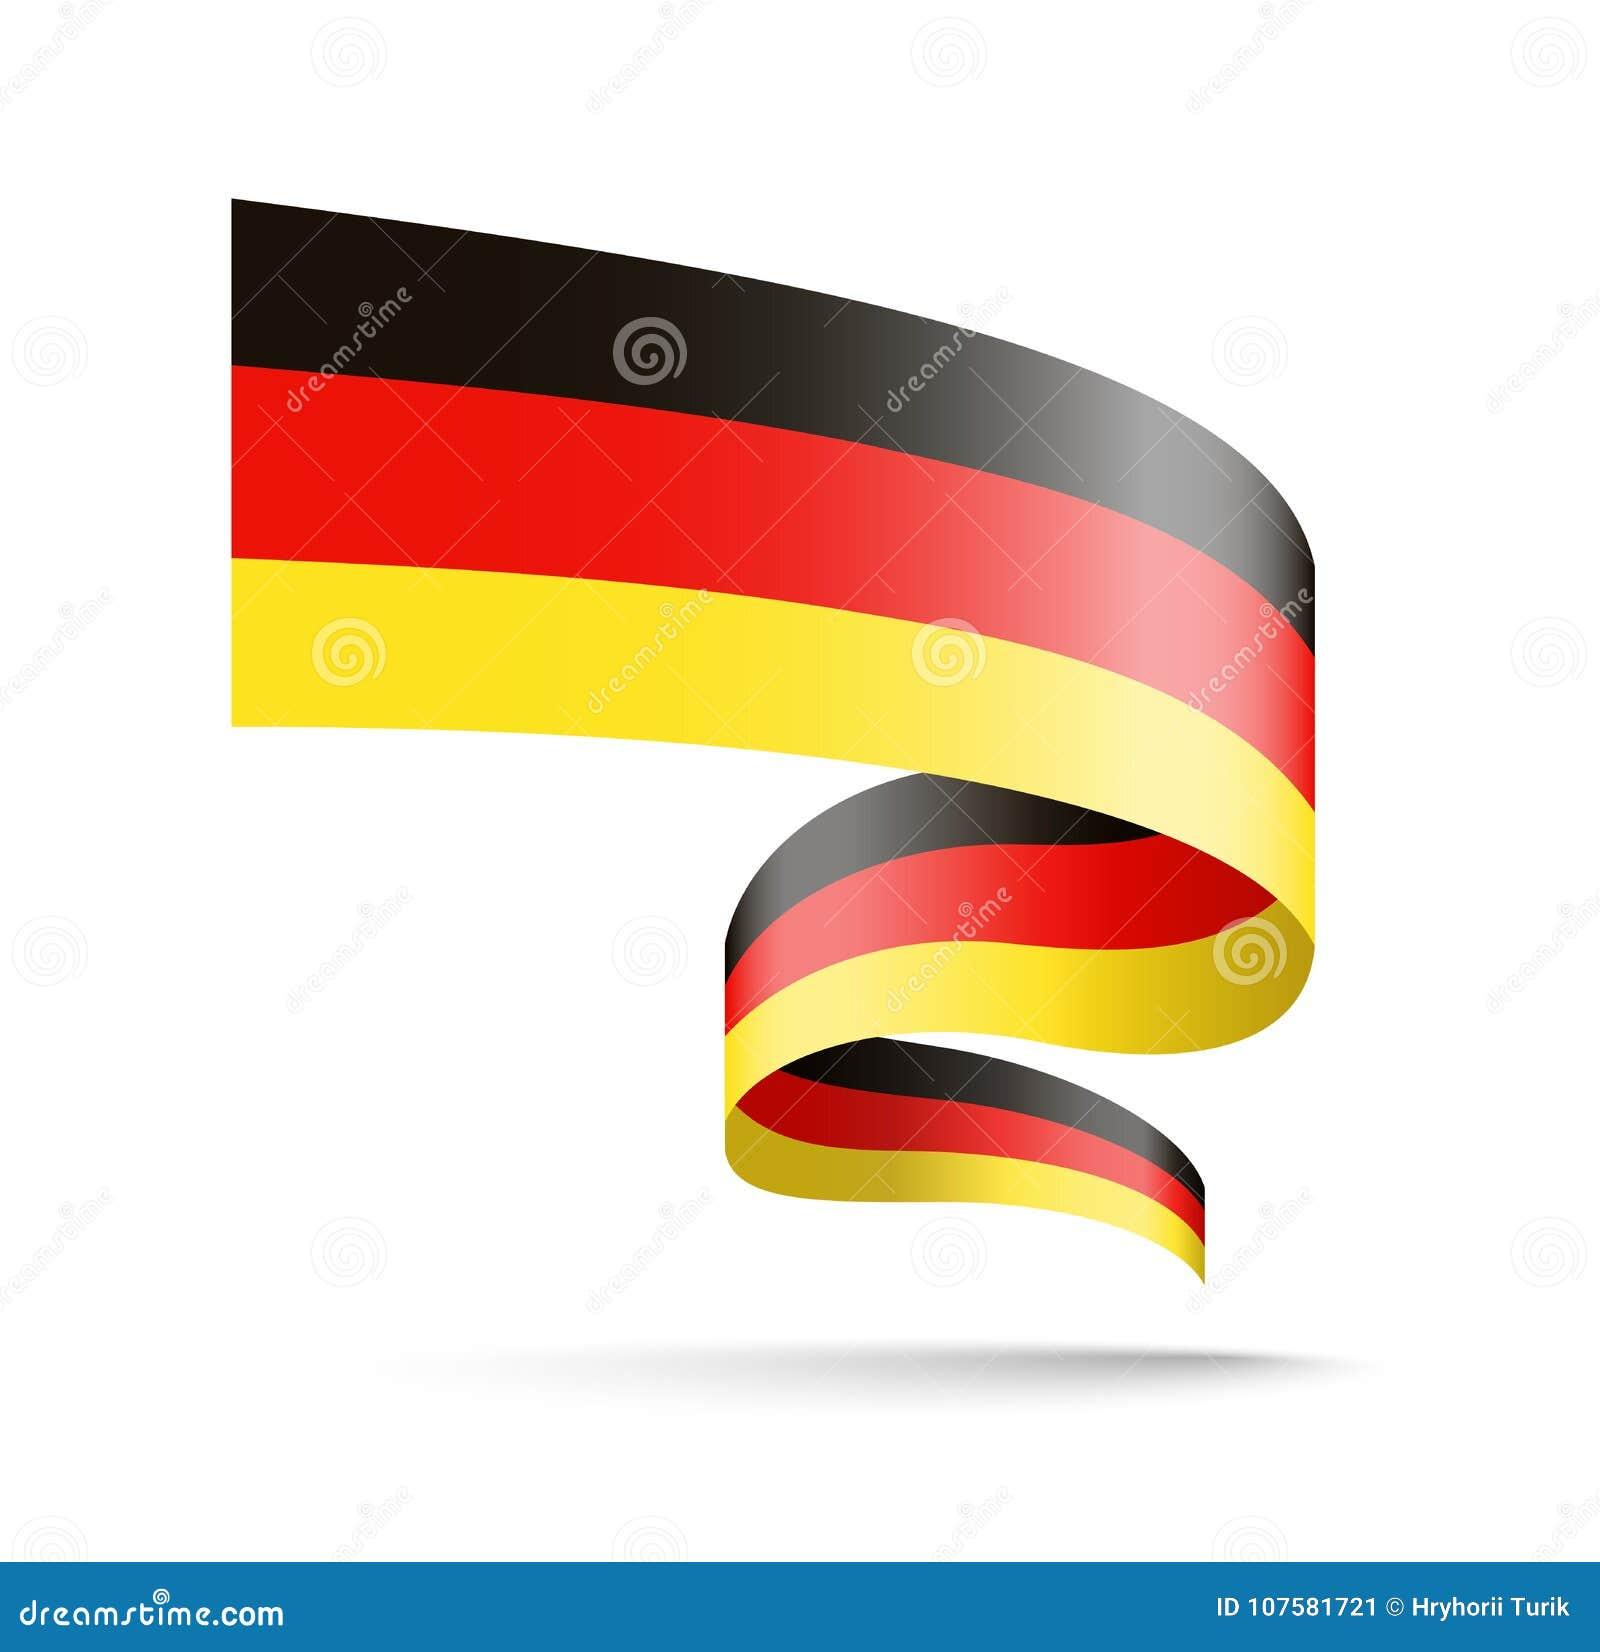 德国的旗子以波浪丝带的形式